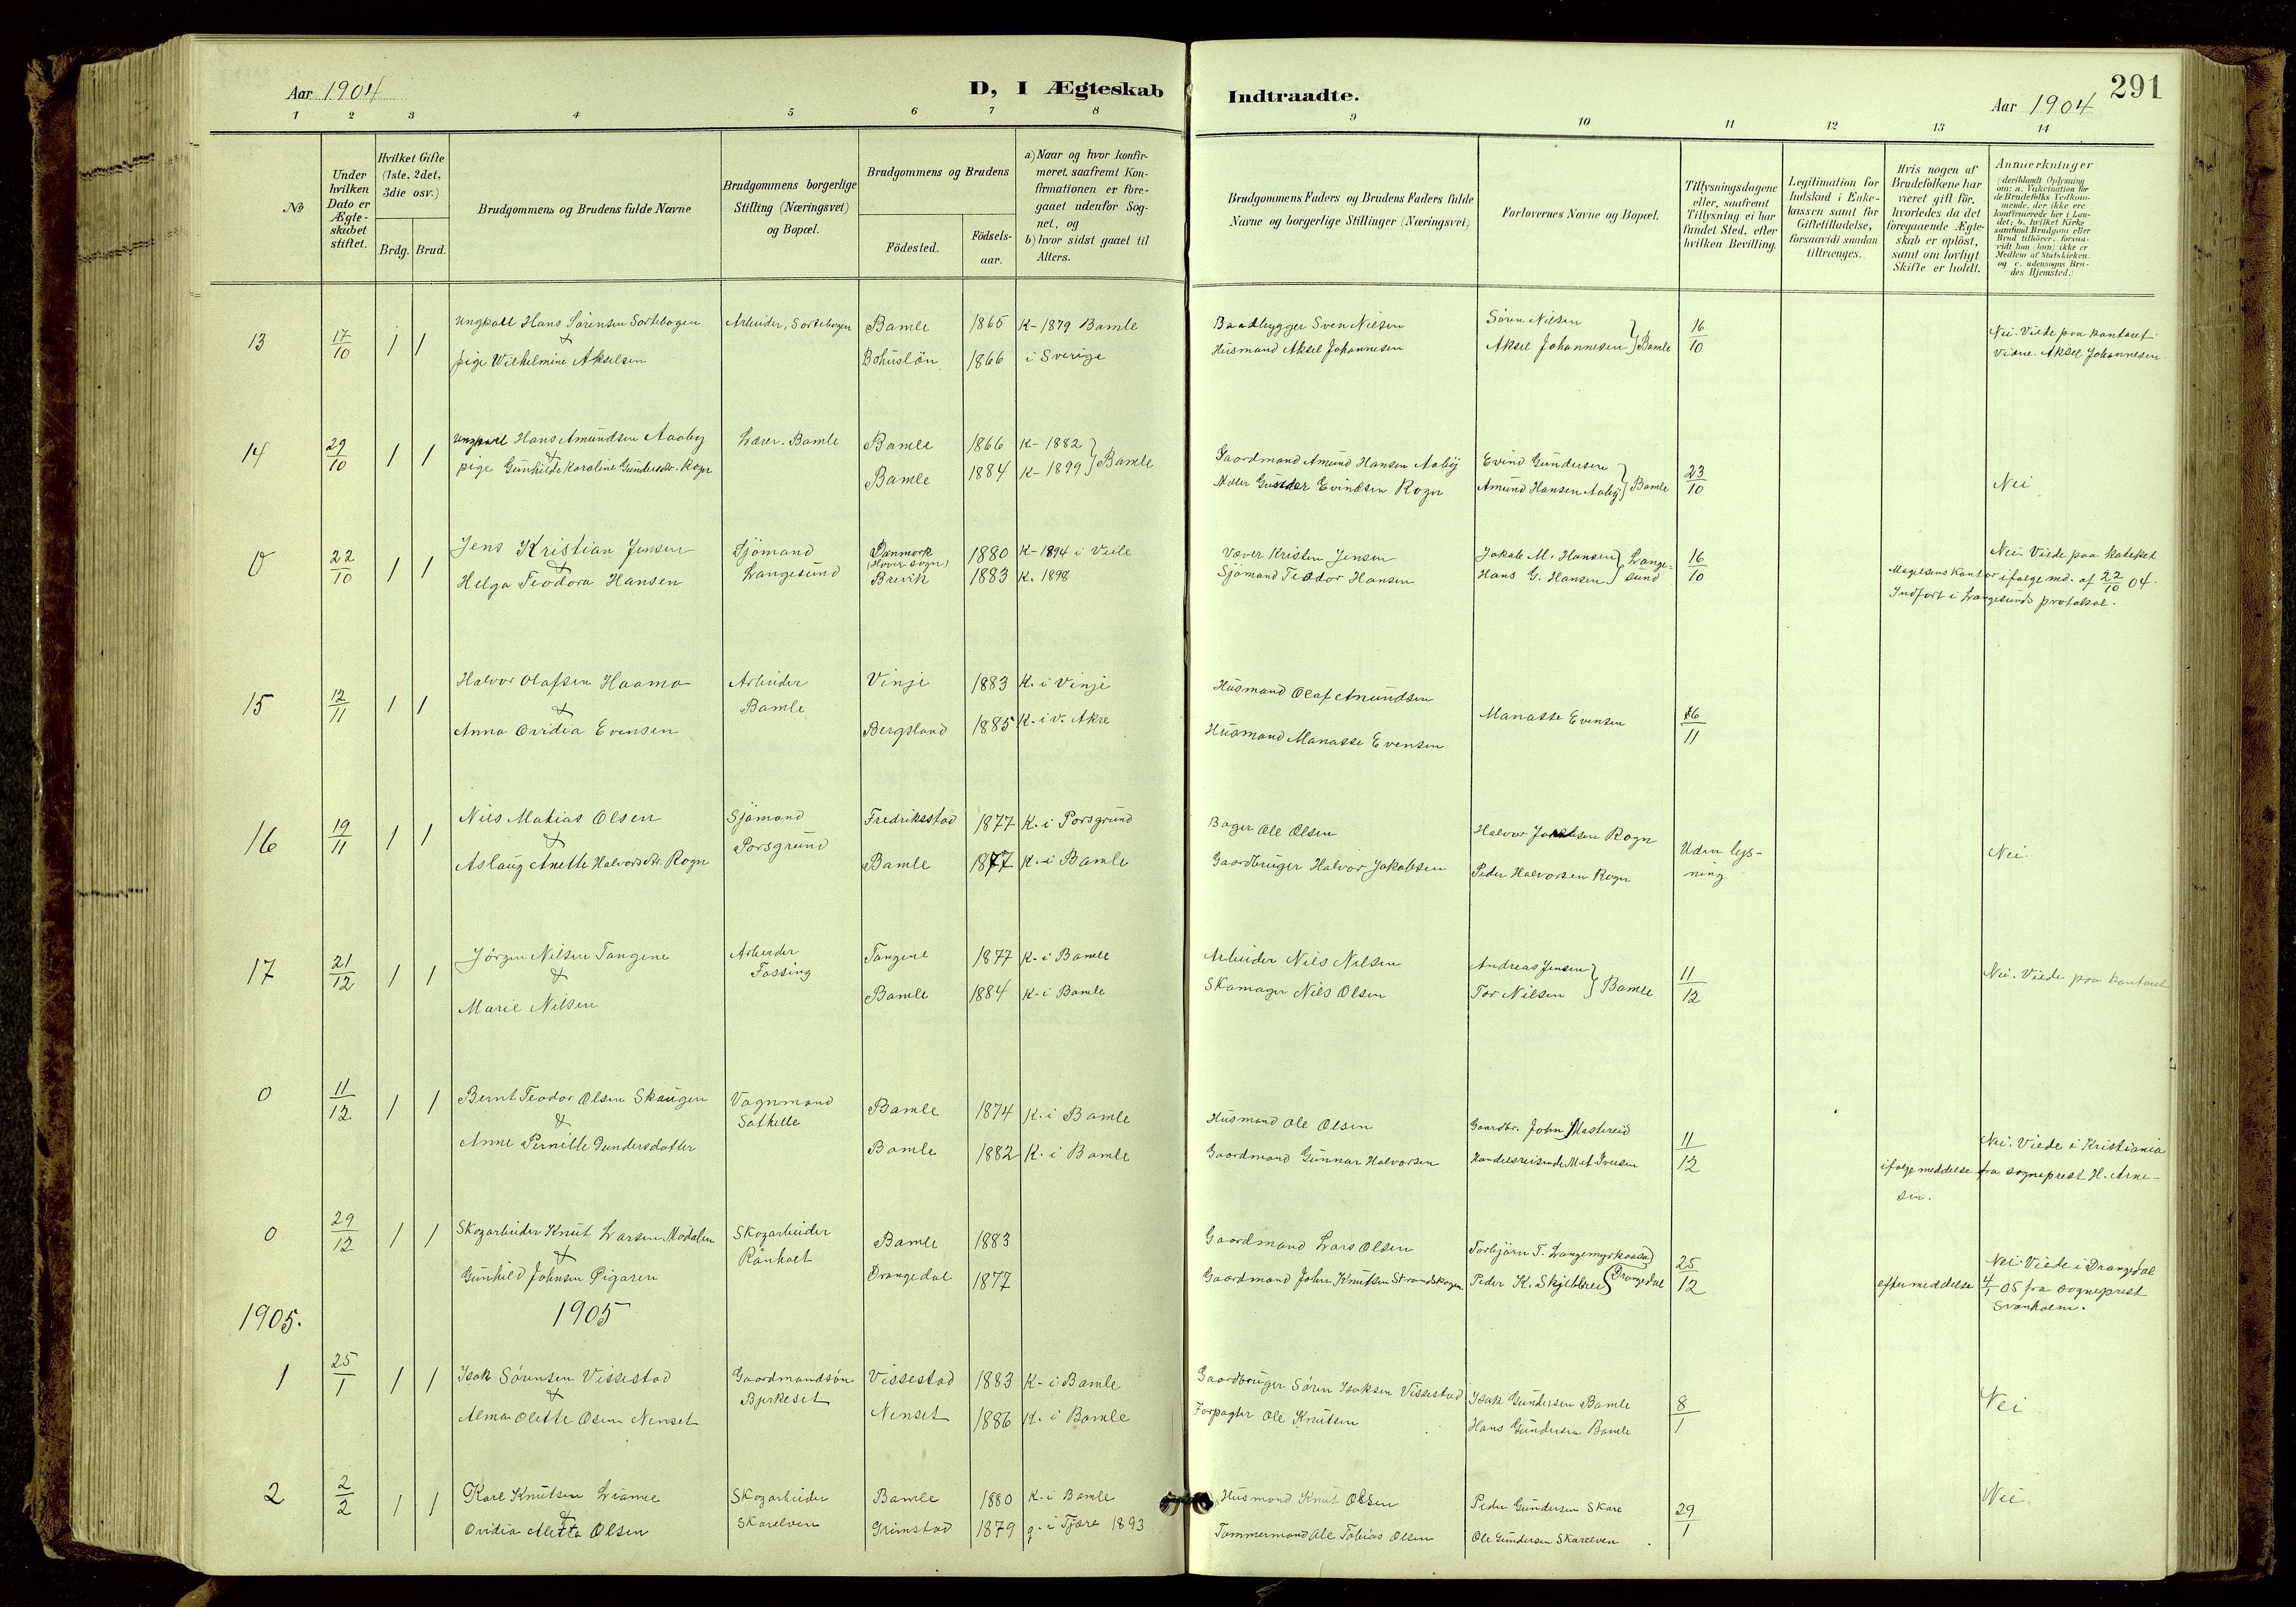 SAKO, Bamble kirkebøker, G/Ga/L0010: Klokkerbok nr. I 10, 1901-1919, s. 291